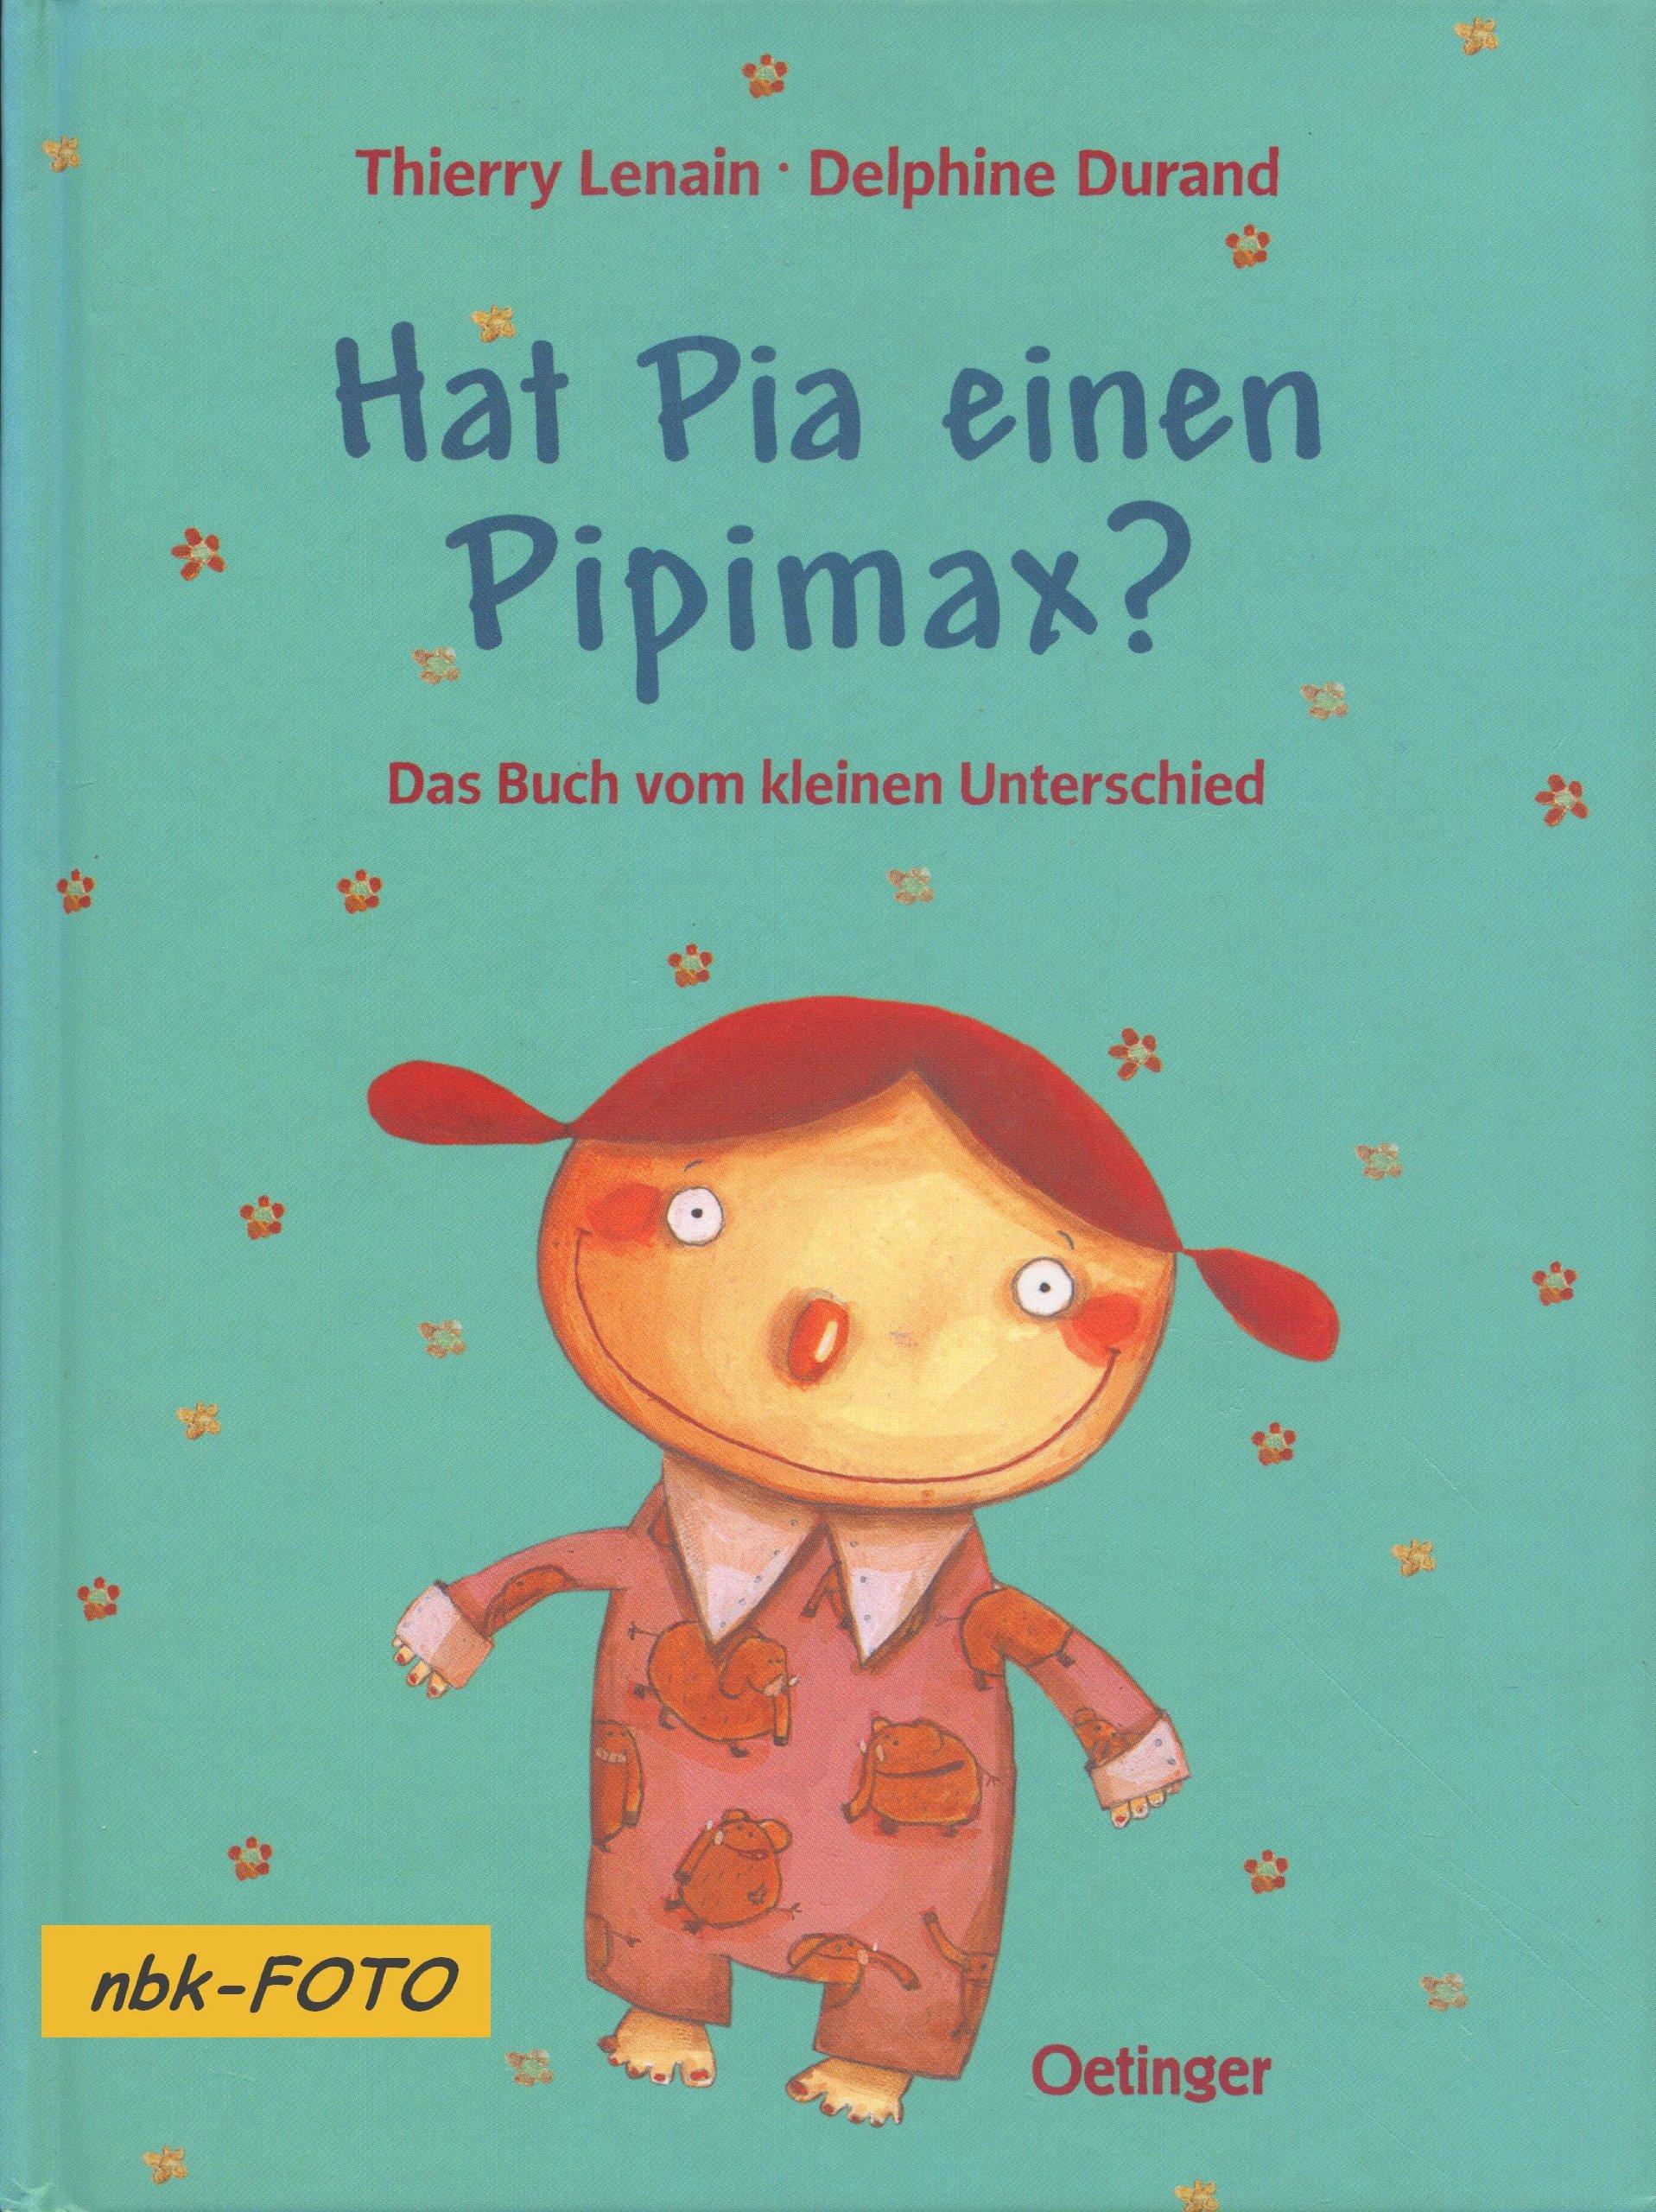 Hat Pia einen Pipimax?: Das Buch vom kleinen Unterschied Gebundenes Buch – Februar 2002 Thierry Lenain Delphine Durand Alexandra Rak Oetinger